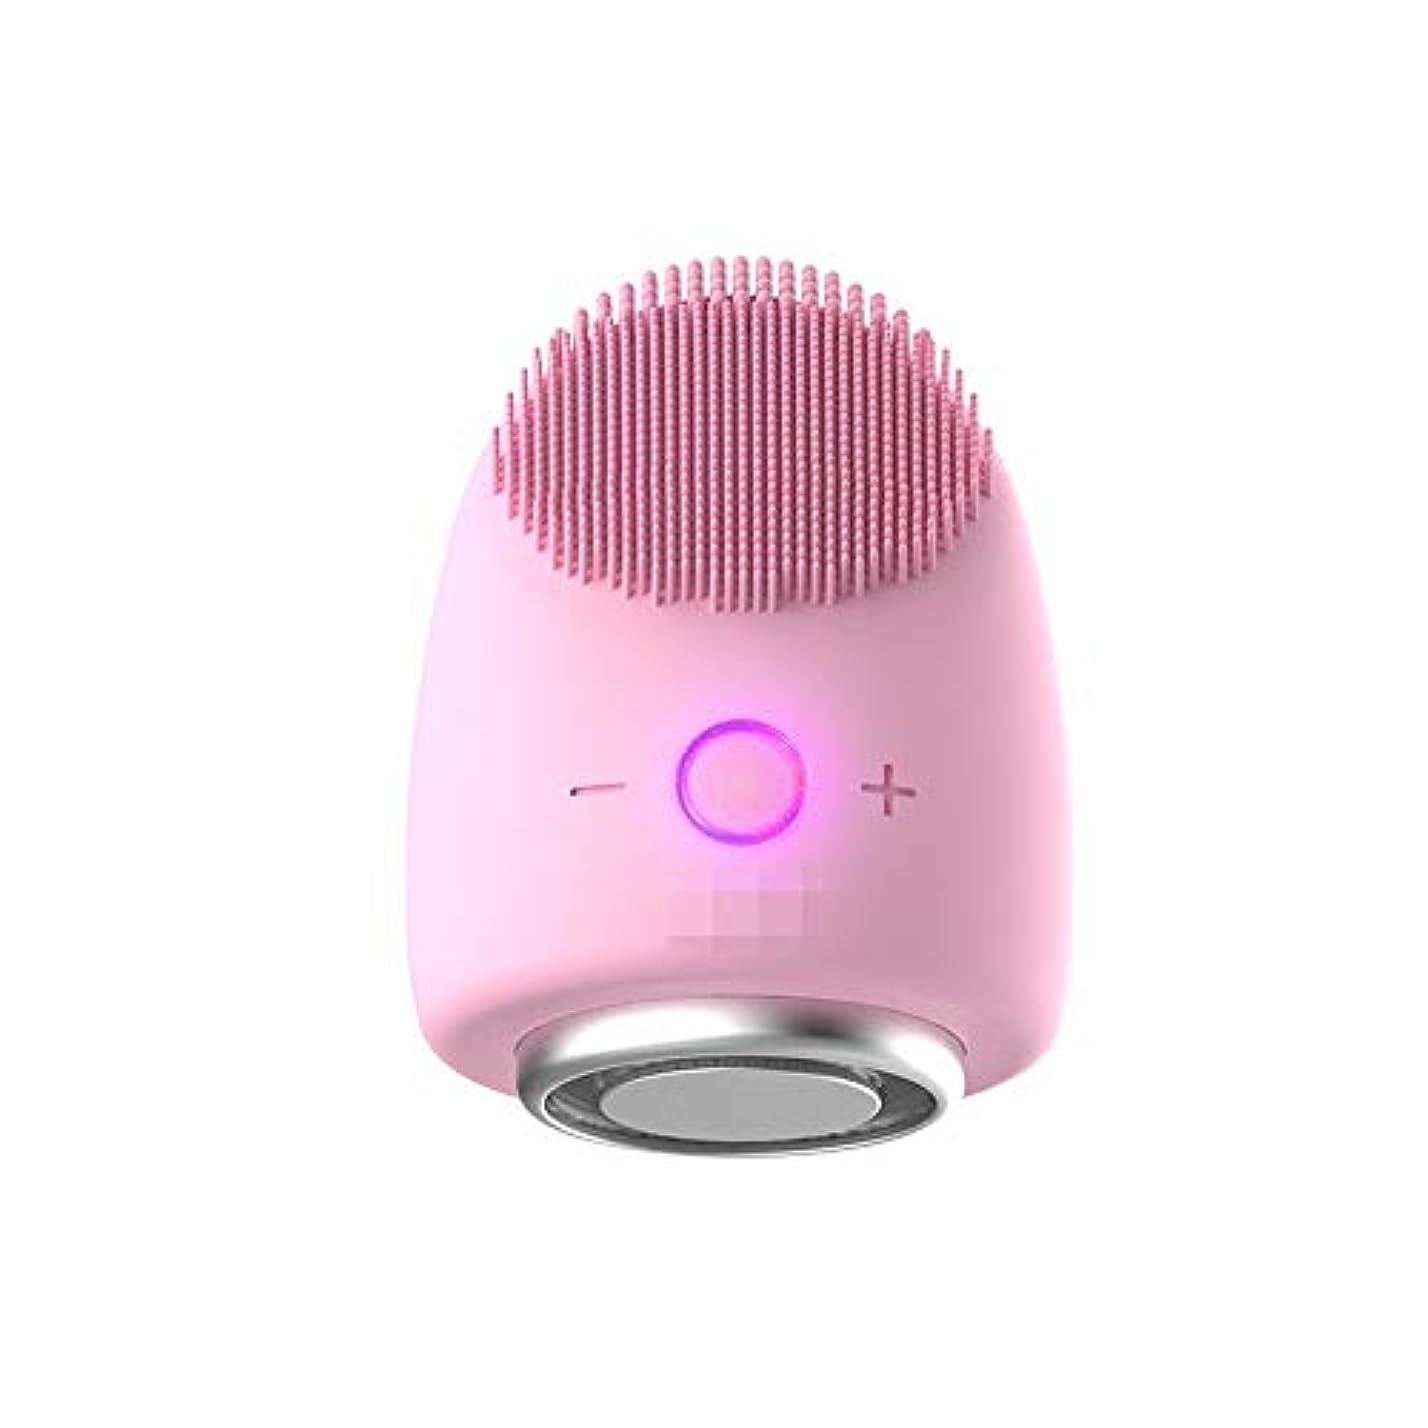 に渡ってポゴスティックジャンプミュウミュウChaopeng 多機能美容器具洗浄器具導入器具凝縮ホットドレッシング肌活性化器具 (Color : ピンク)